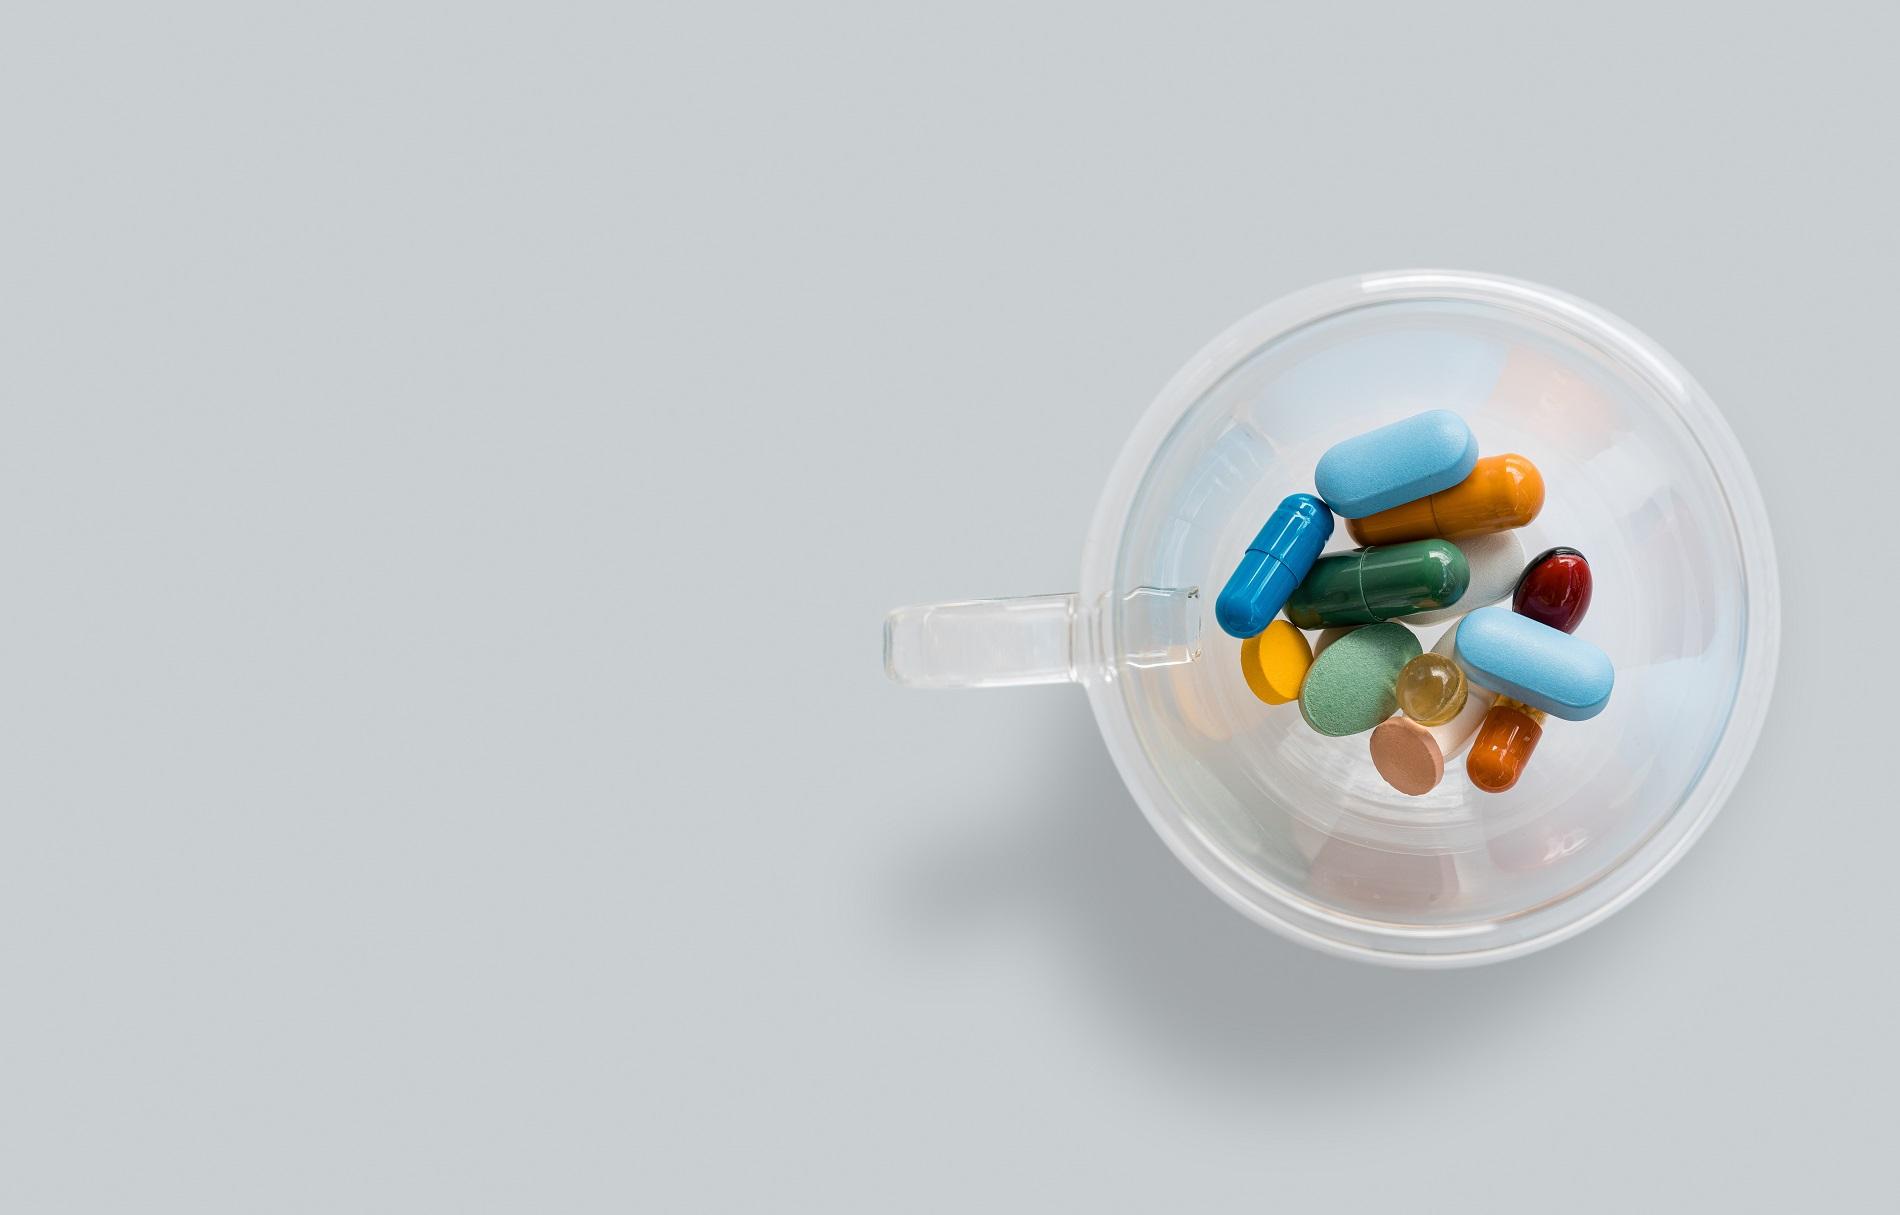 Профилактика: какие БАДы можно принимать без назначения врача-Фото 3